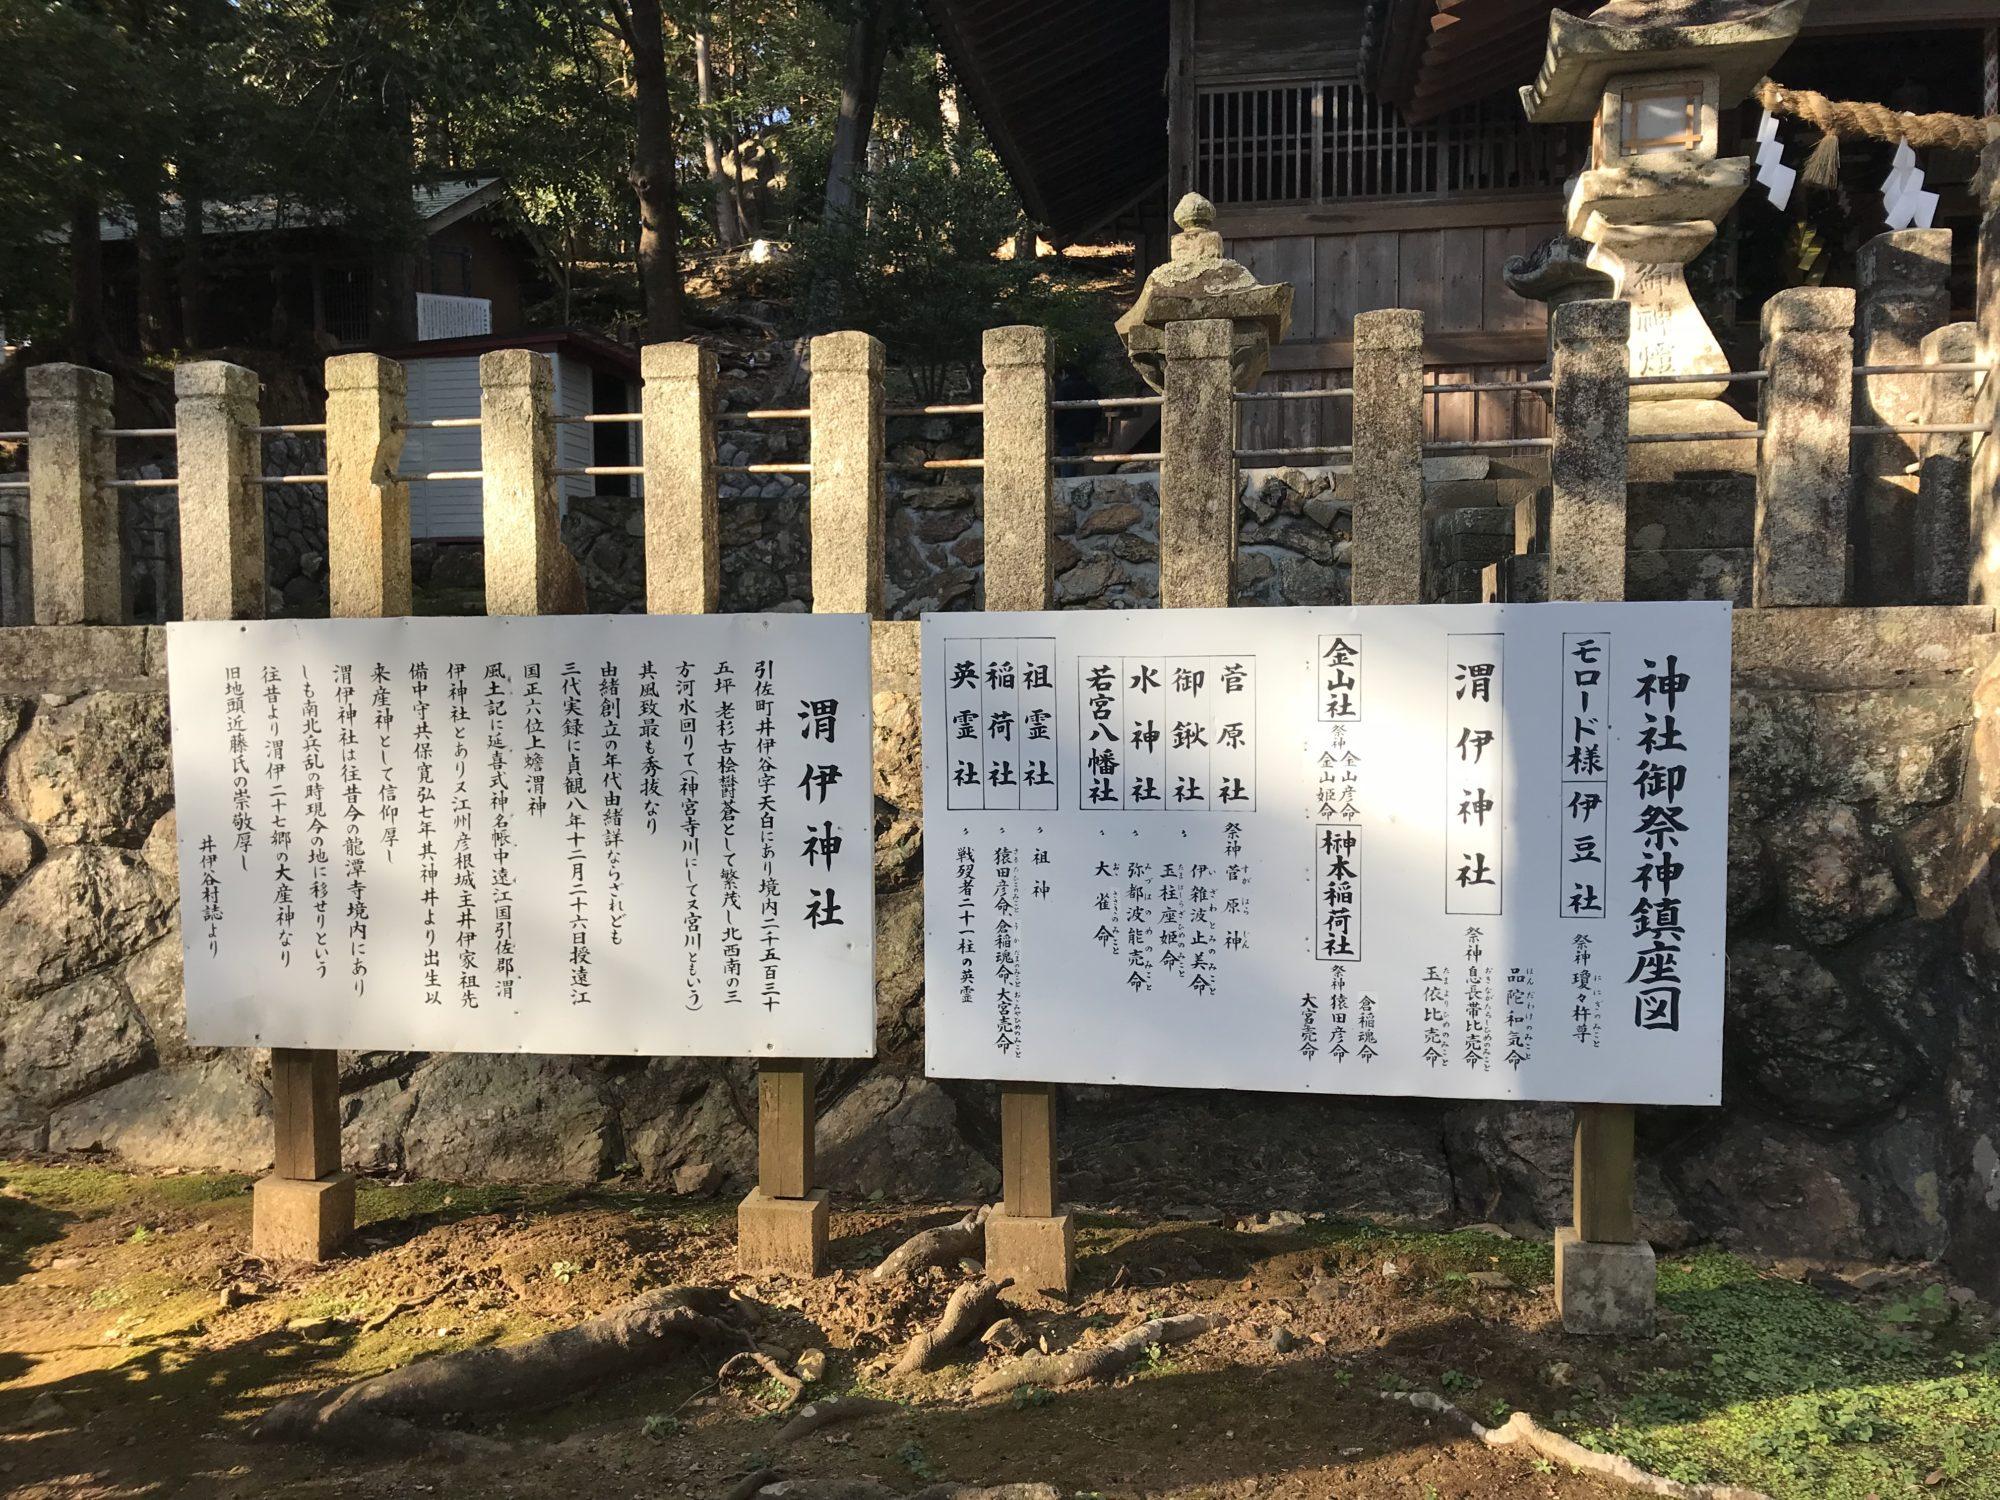 渭伊神社由緒